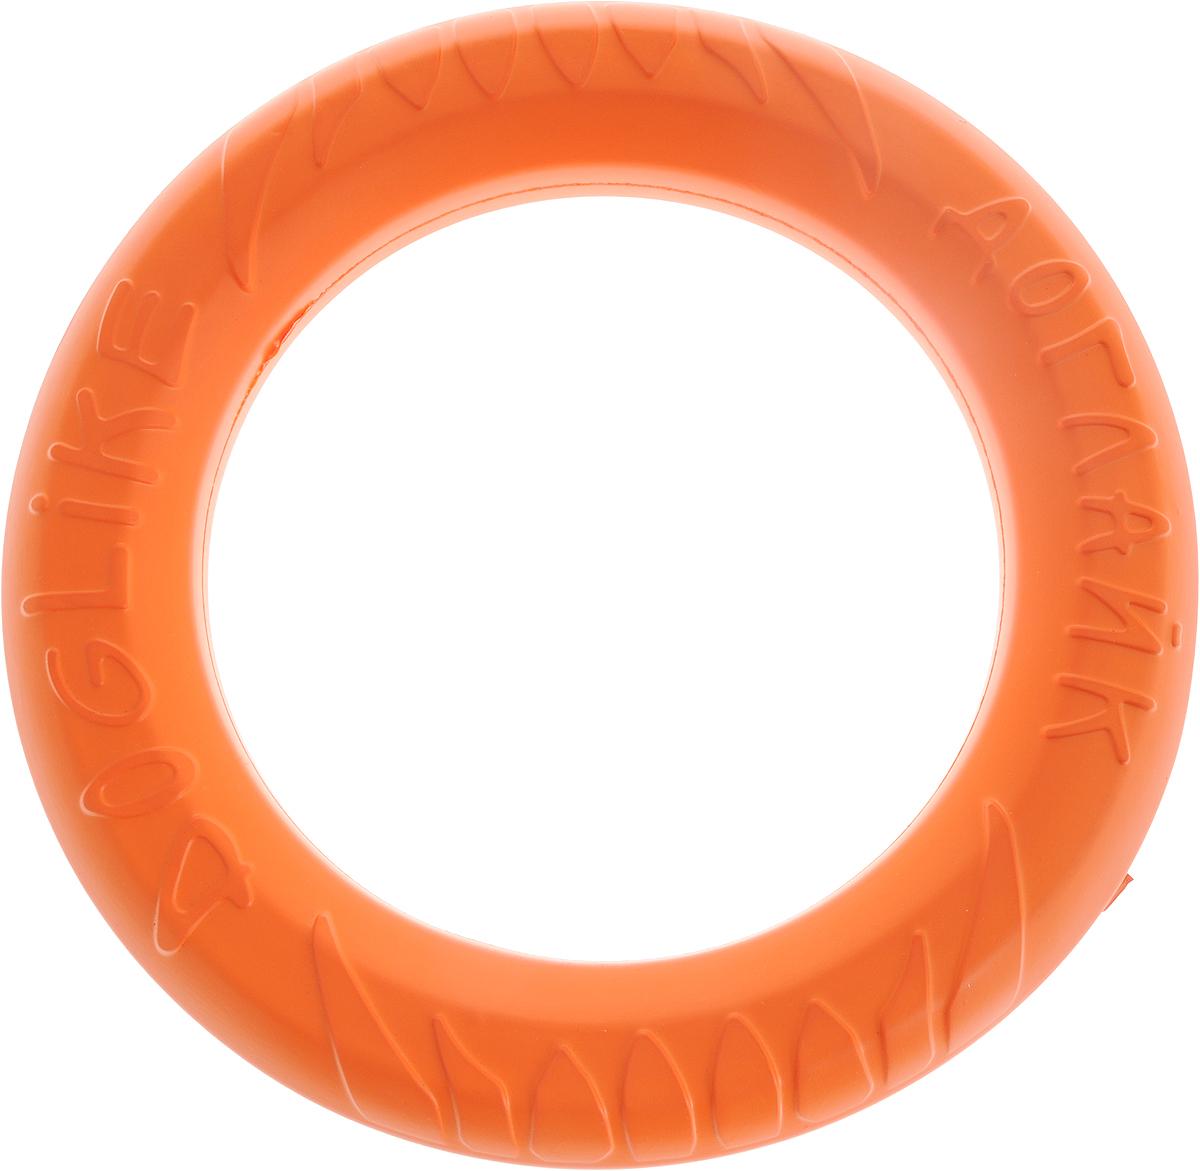 Снаряд Doglike Tug & Twist DL, для дрессировки, цвет: оранжевый. D-1272 игрушка doglike dumbbelldog wood снаряд для апортировки большой деревянный для собак 1кг d 2319